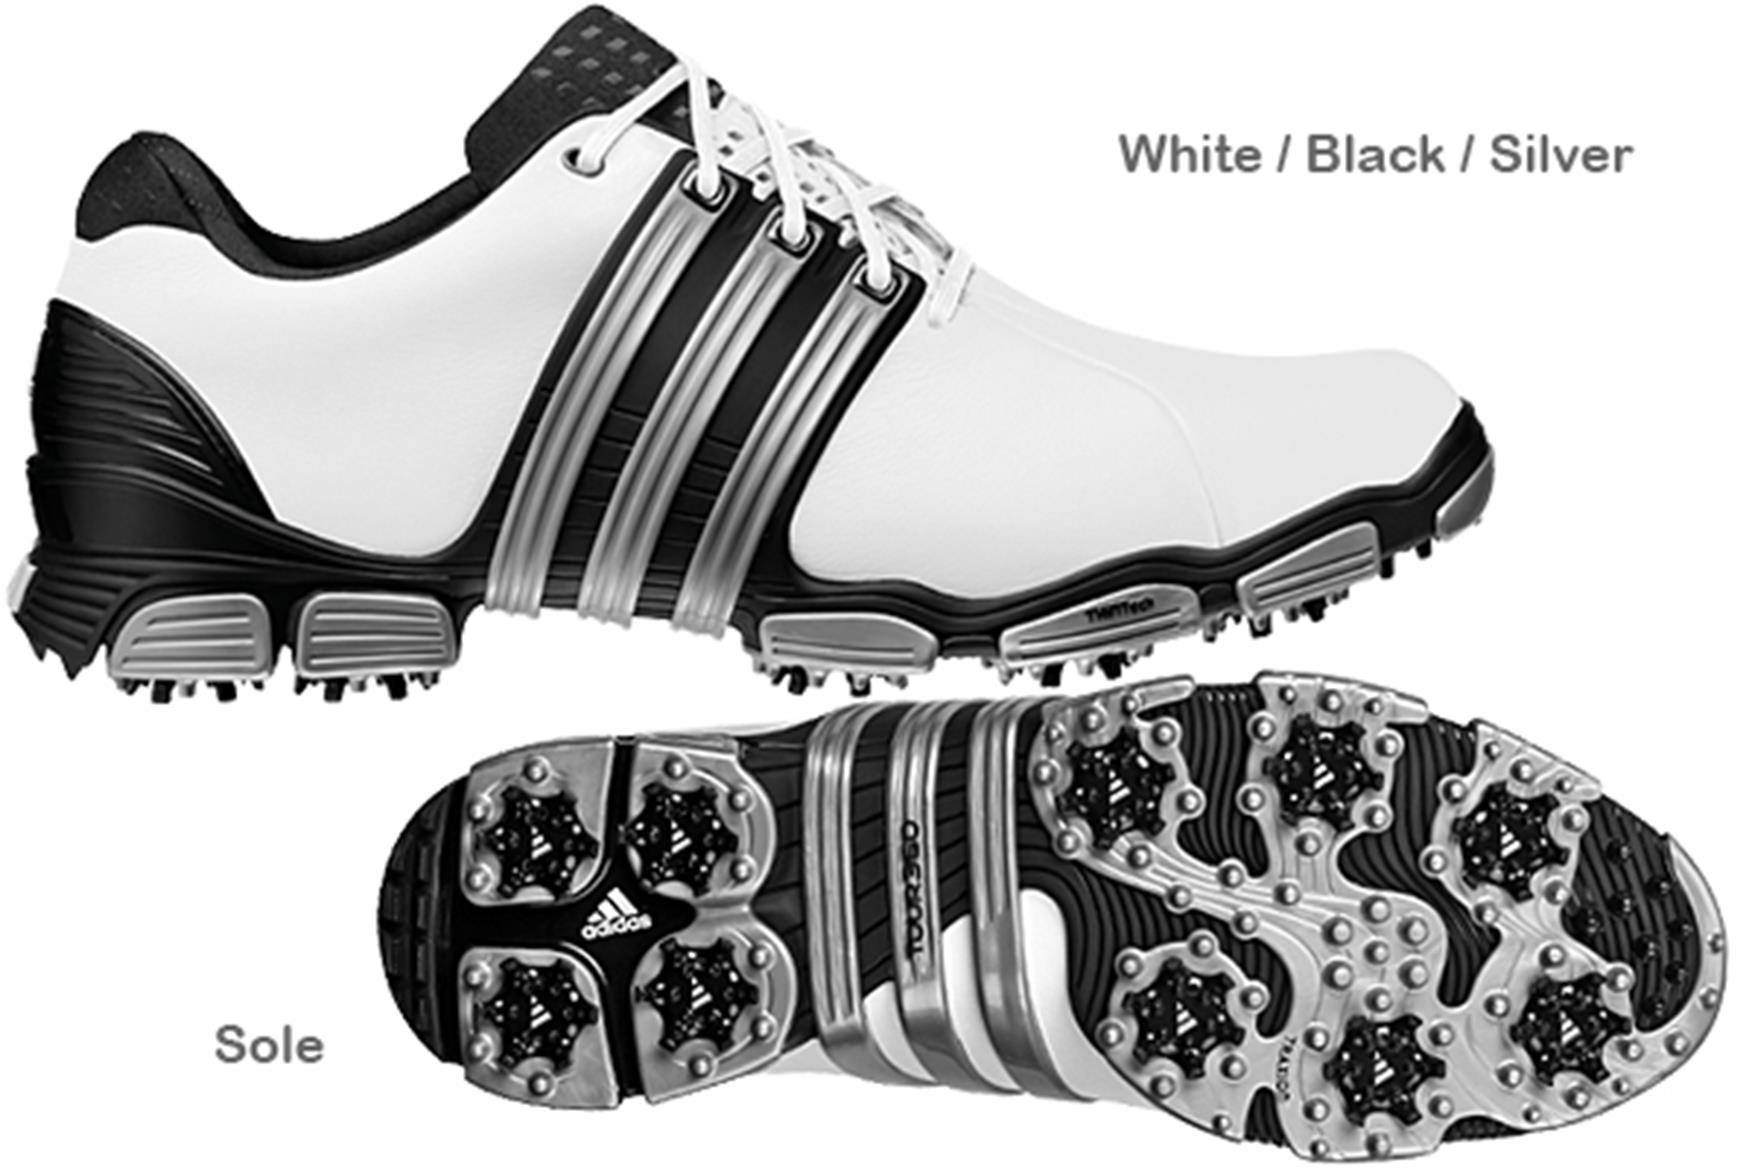 Adidas Golf Shoes Reviews Dagens golfspiller  Today's Golfer